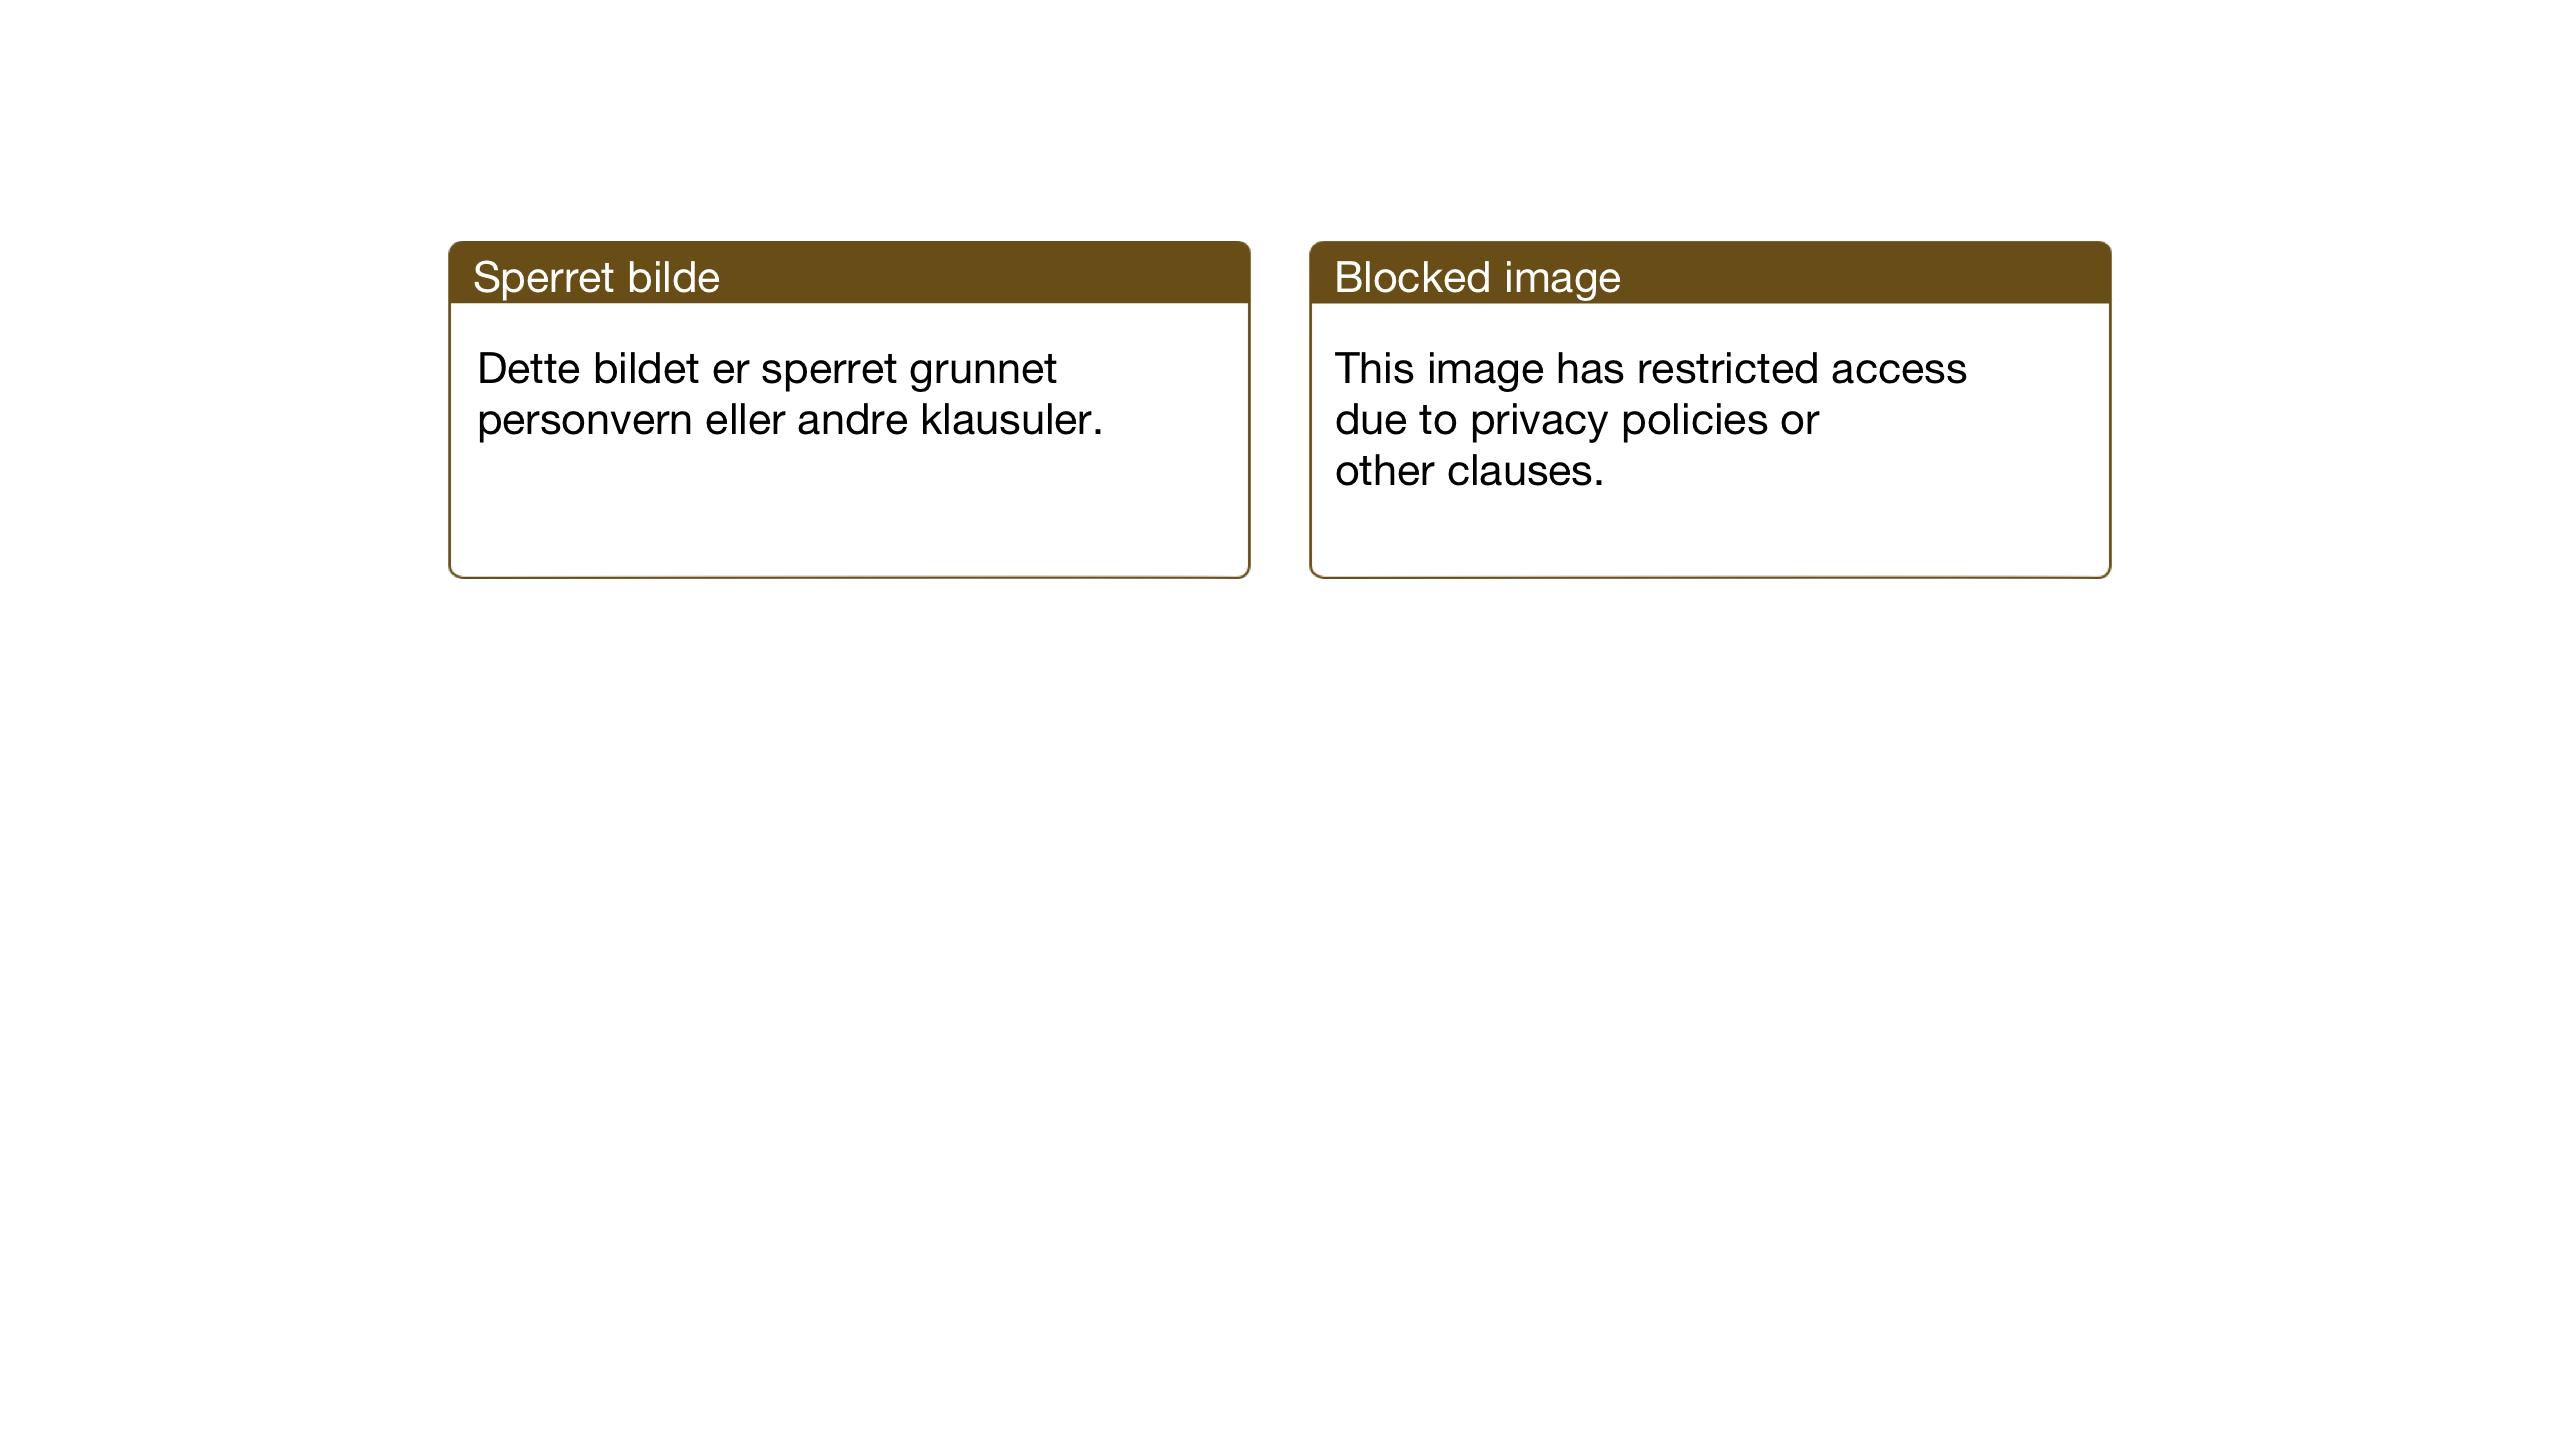 SAT, Ministerialprotokoller, klokkerbøker og fødselsregistre - Nord-Trøndelag, 747/L0460: Klokkerbok nr. 747C02, 1908-1939, s. 39